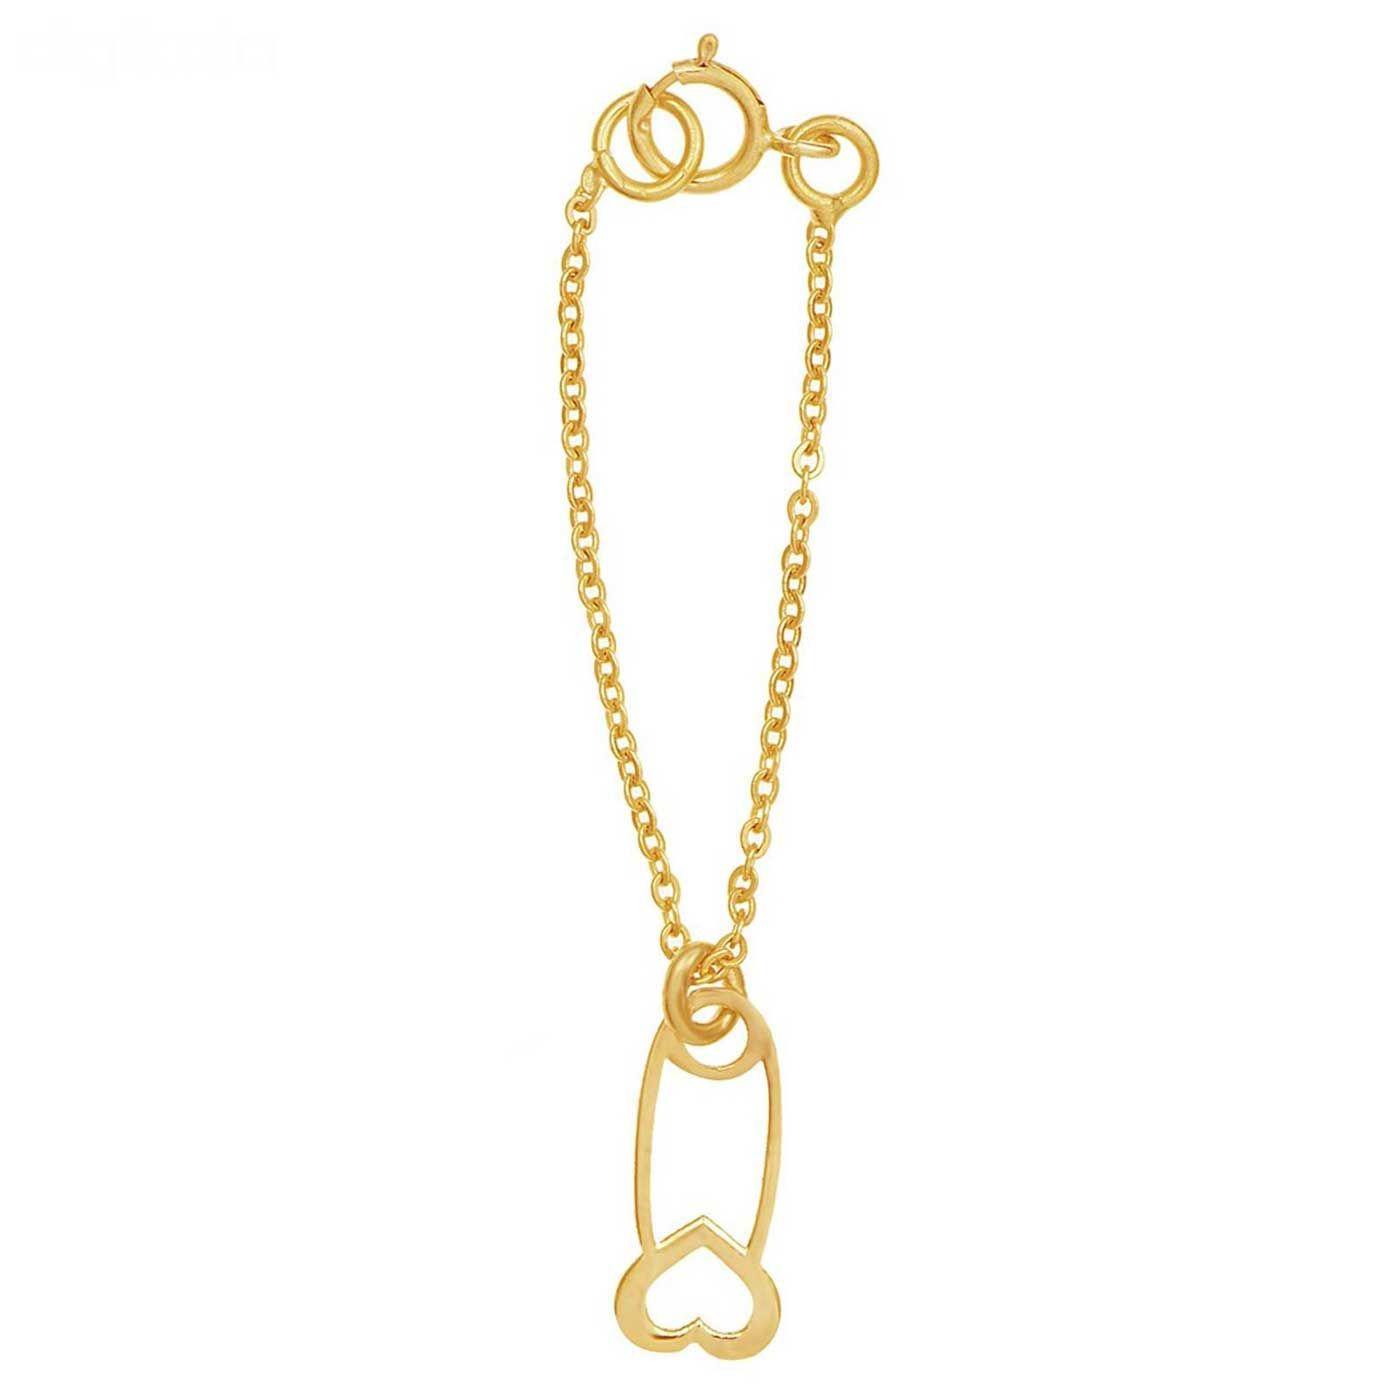 آویز ساعت طلا 18 عیار زنانه کانیار گالری کد AS93 -  - 1